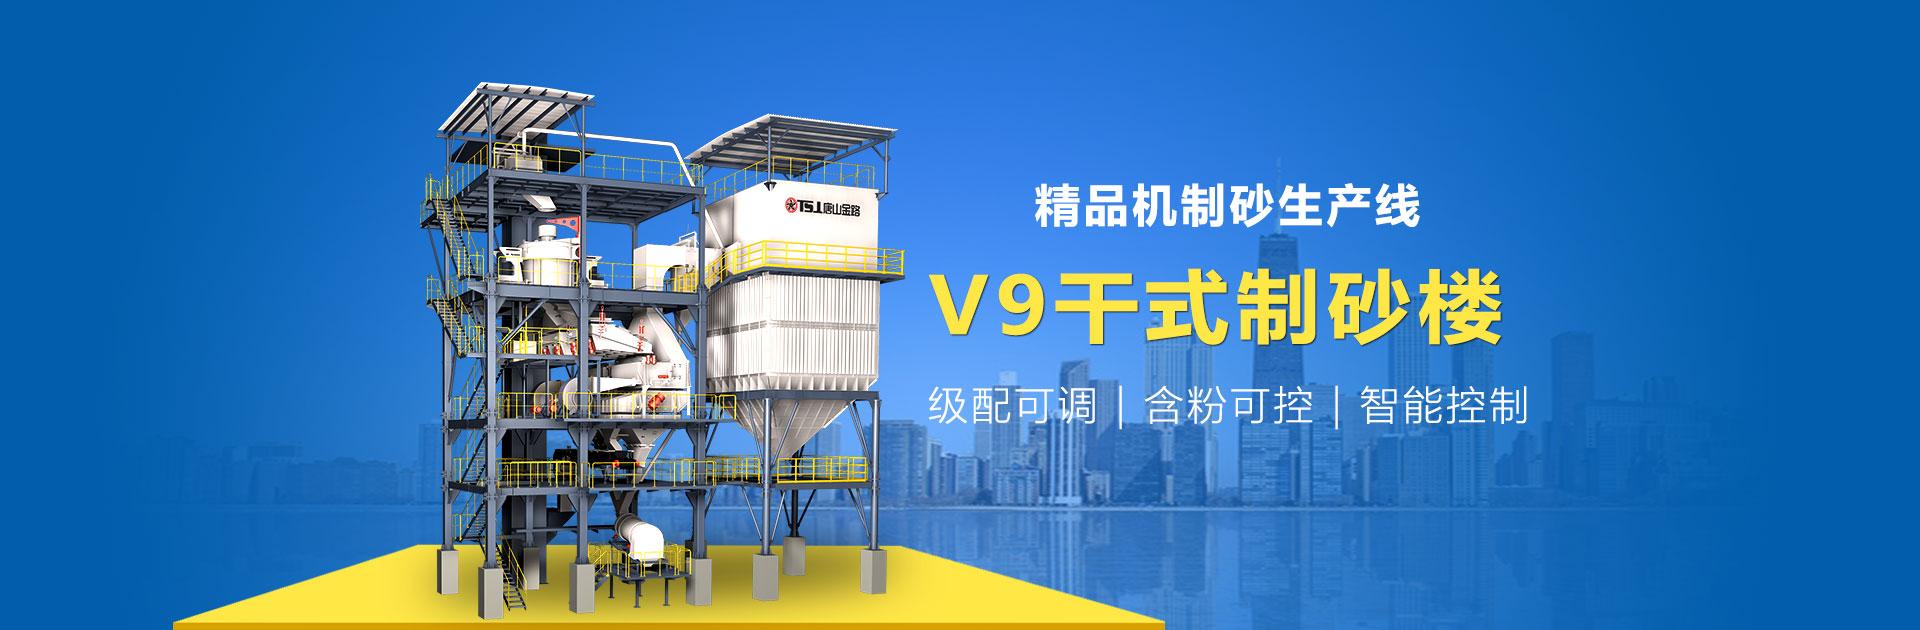 v9环球体育官方下载楼3D渲染